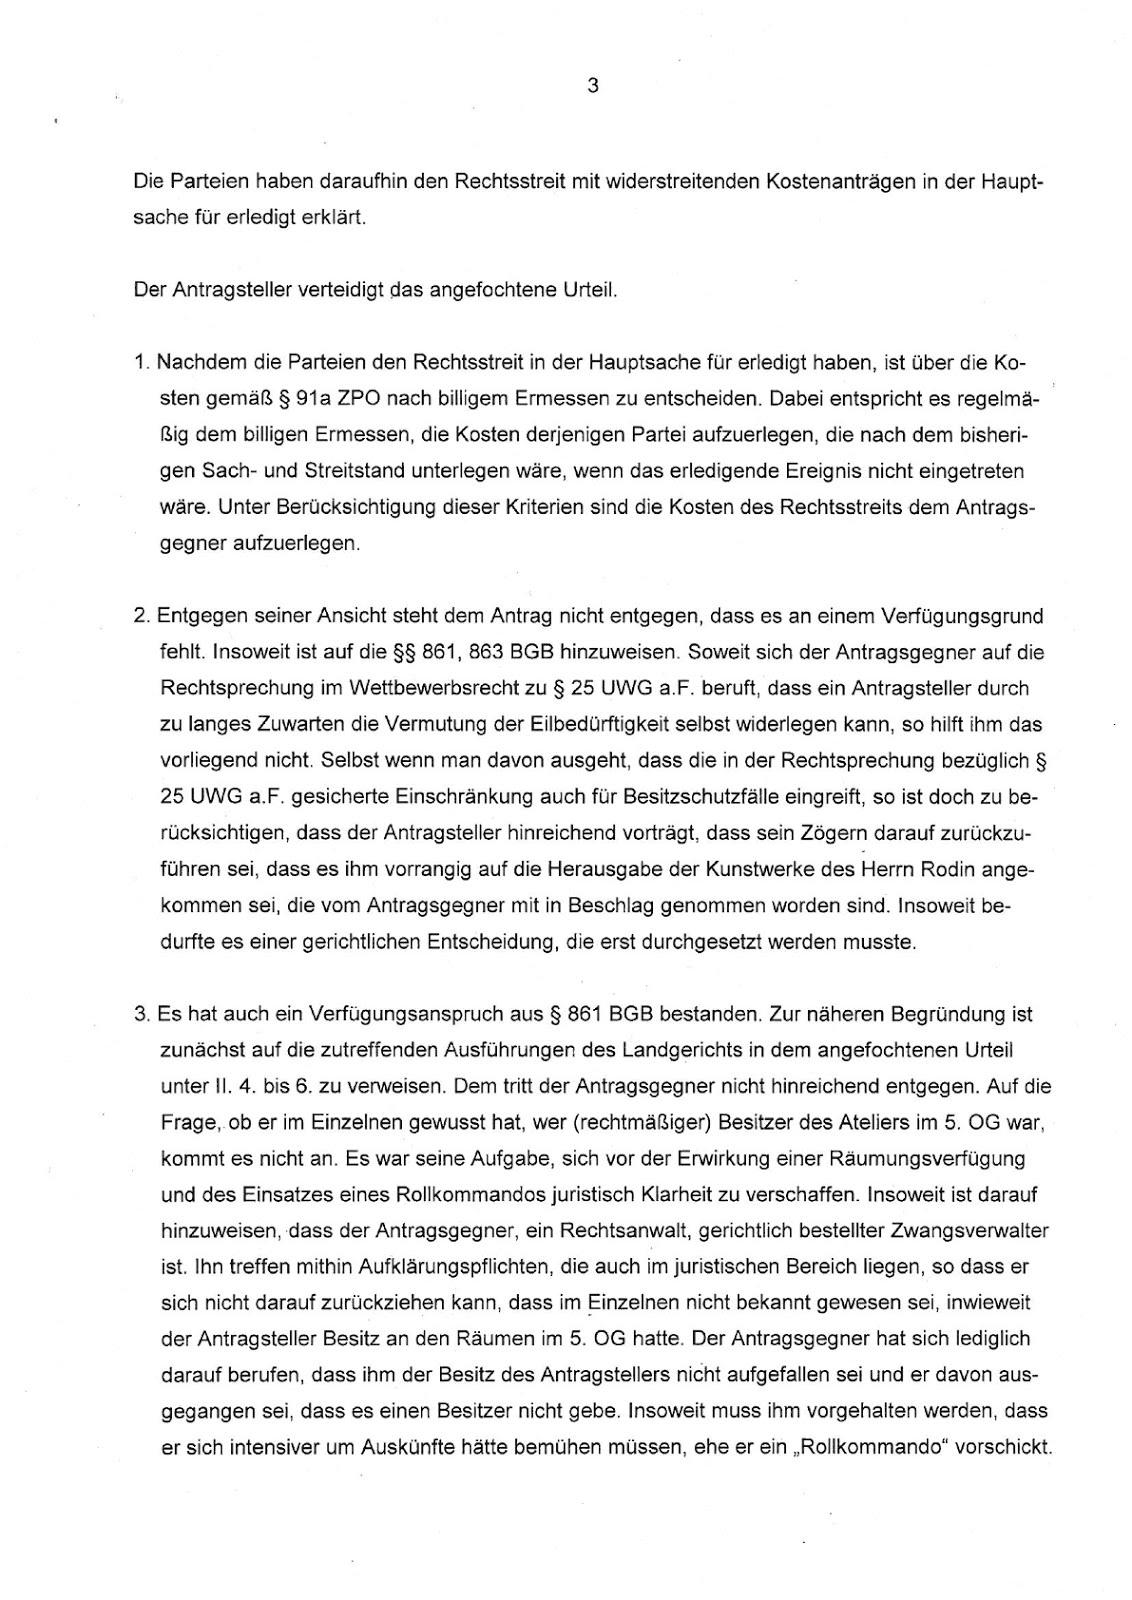 Kritikdesign [conceptual art-21]: 01/01/2013 - 02/01/2013